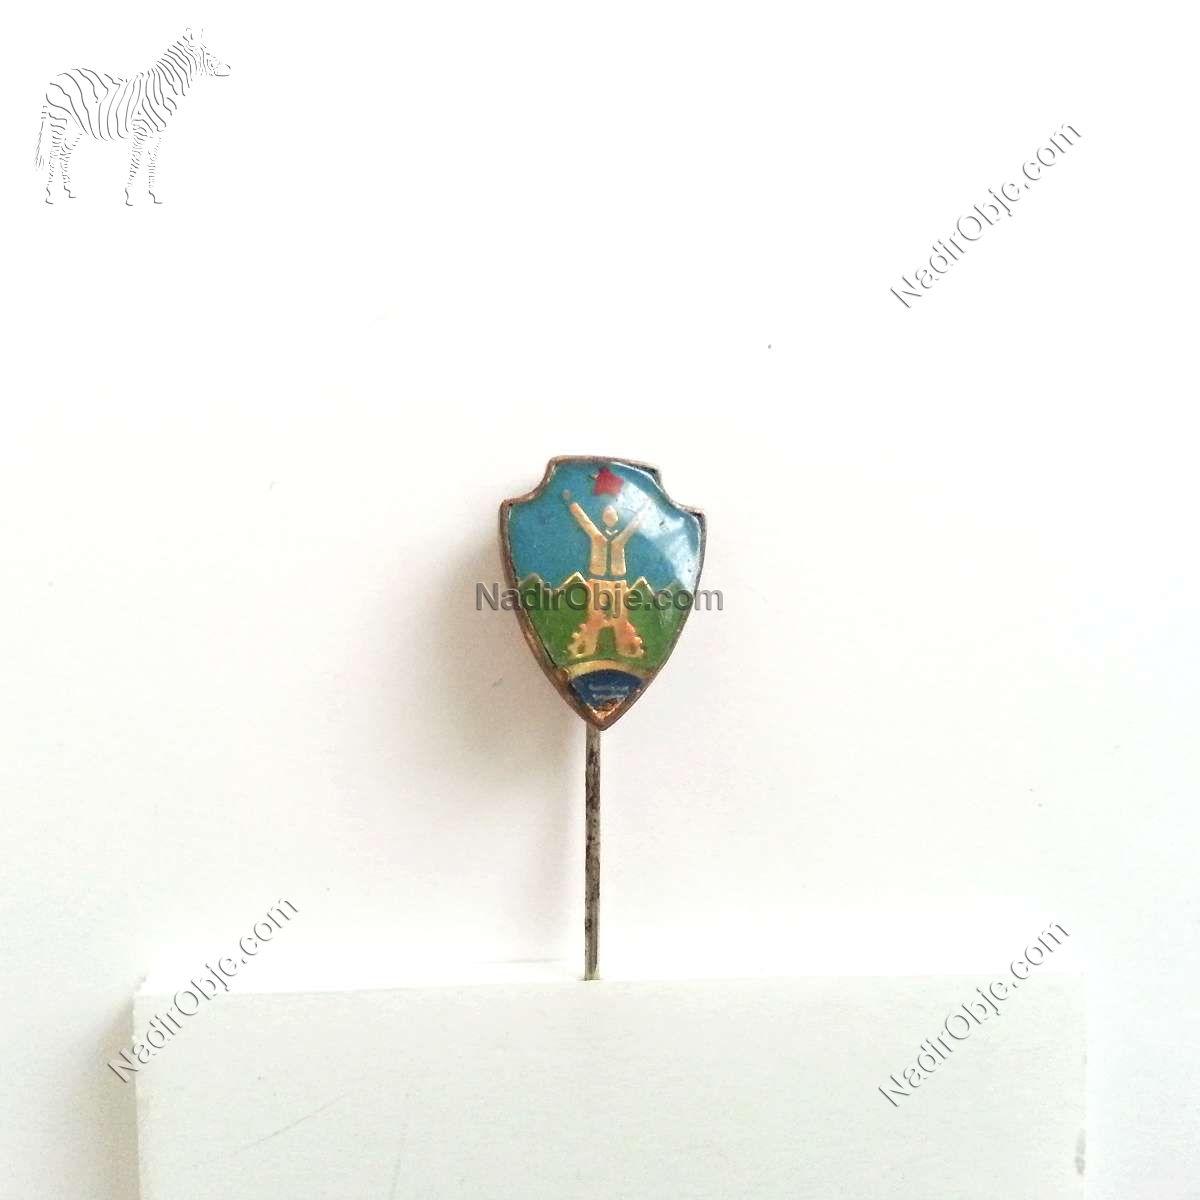 Aurea Celje Rozet – N2100 Metal Objeler Lapel Badge